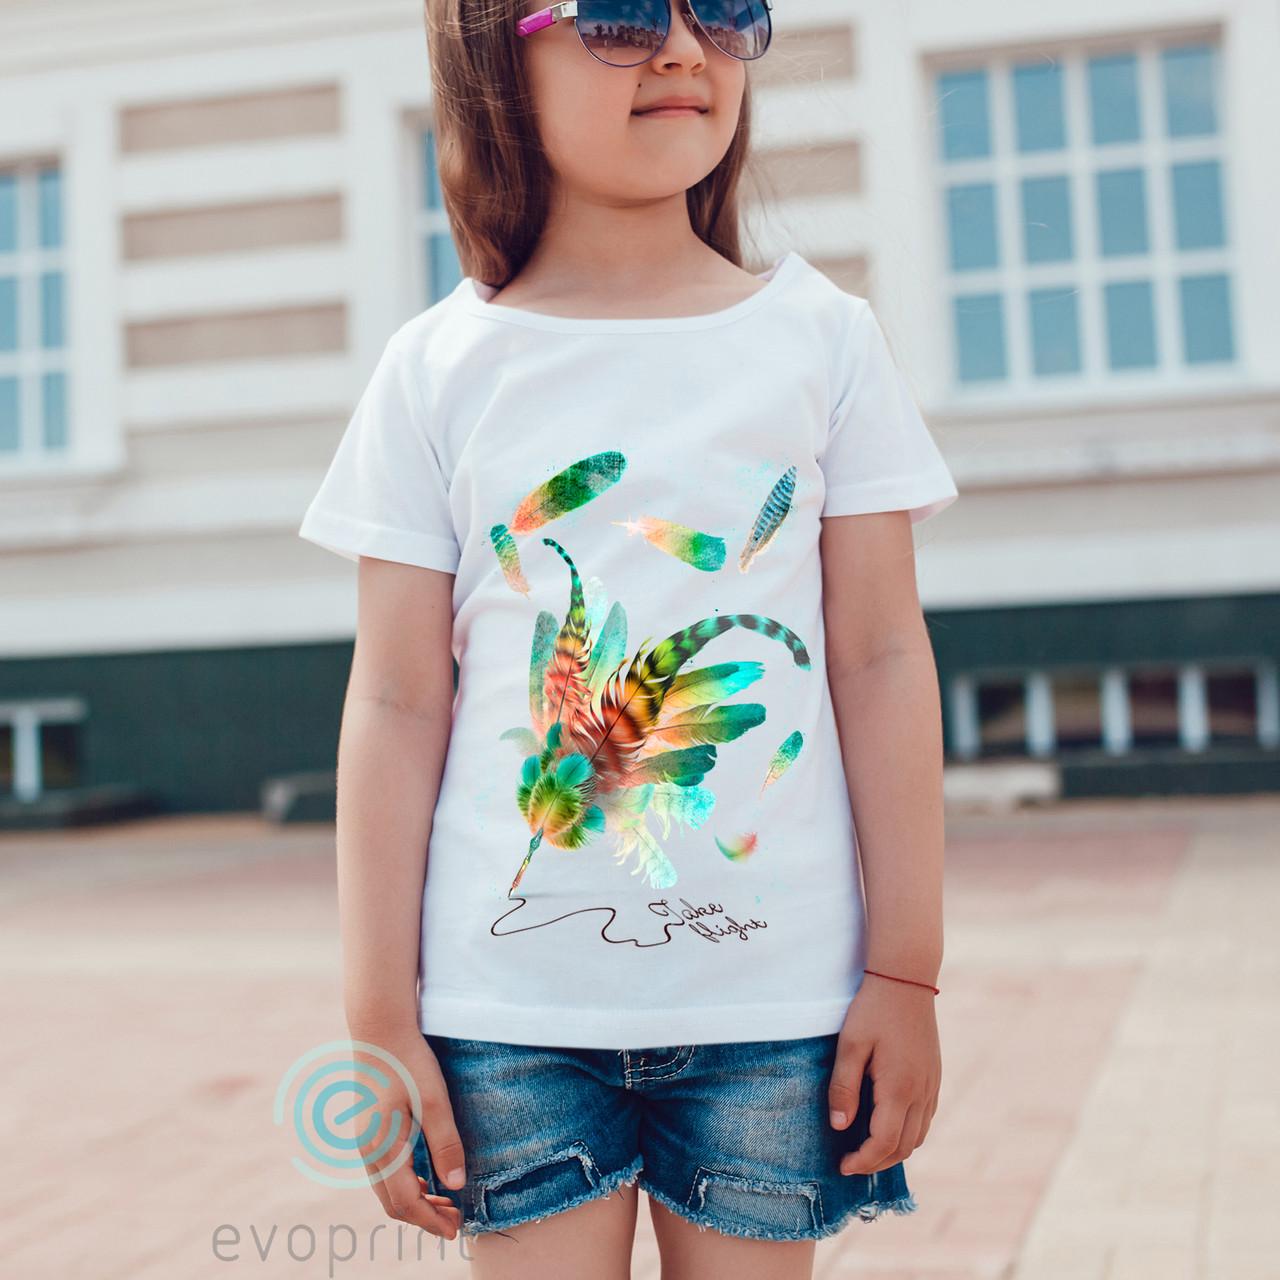 Качественная печать на детских футболках 100% коттон